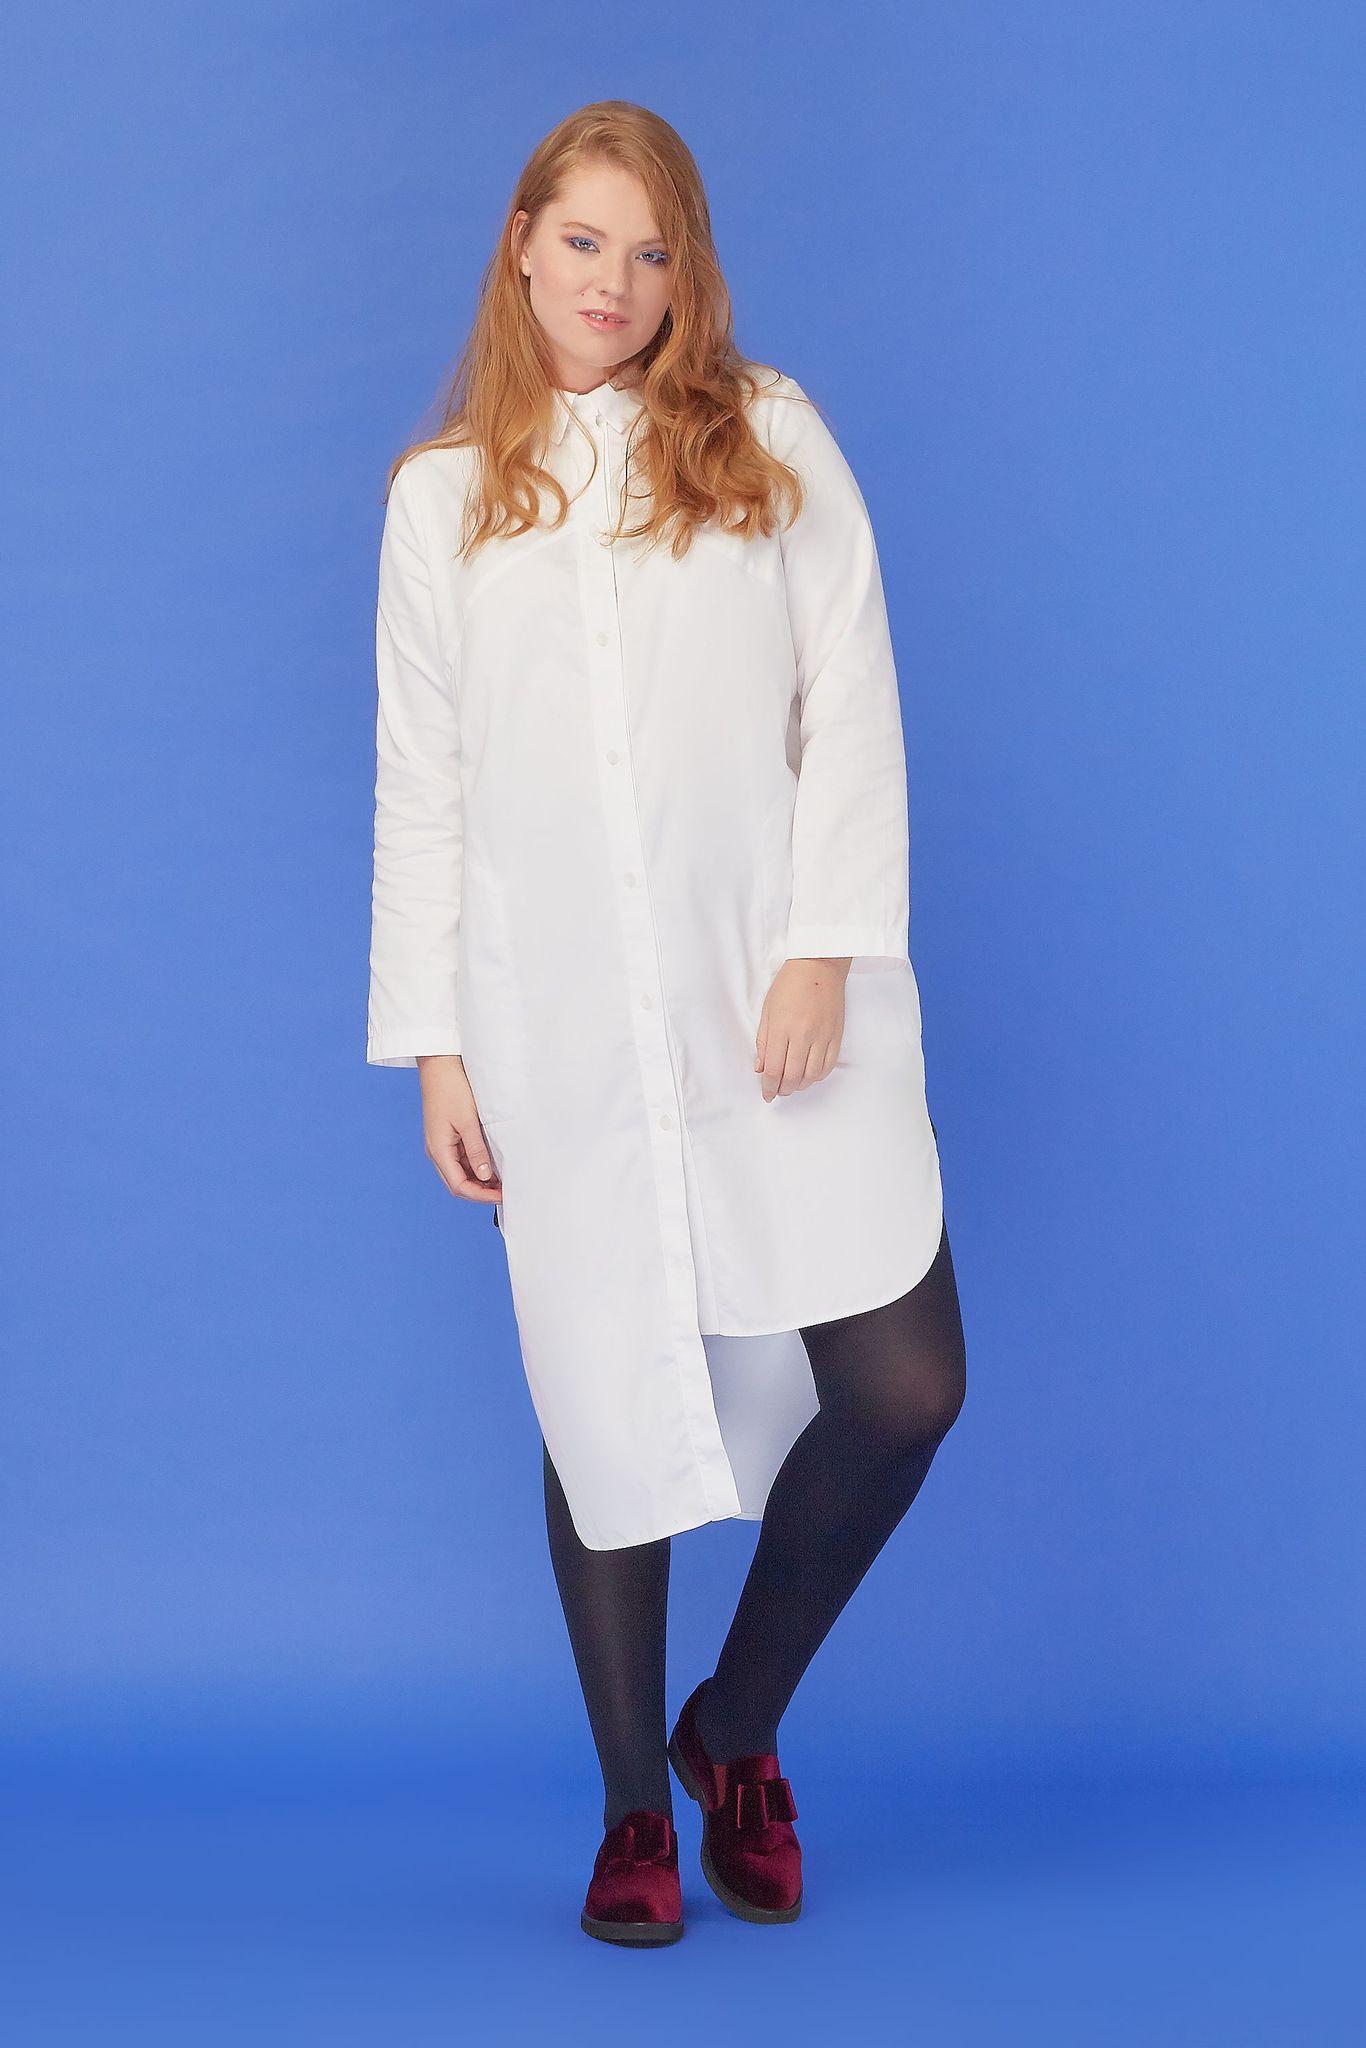 Платье-блуза LE-08 B01 40ЧЁРНАЯ ПЯТНИЦА<br>Как вы относитесь к асимметрии? Мы - крайне положительно! Любая асимметричная вещь выходит за общепринятые рамки, выделяется из ряда себе подобных и, конечно, привлекает внимание. А если речь идёт об удлинённых блузках, то нестандартный крой — это то, что делает их ещё удивительнее. Но! Эта блузка ещё и строгая. Посмотрите: примерно до пояса это обычная строгая вещь, которая, к тому же, застёгнута на все пуговицы. Никакой фривольности. А вот дальше начинается самое интересное: идёт асимметрия. Смотрится ли оно теперь строгим? Нет! Каким же тогда? Необычным, смелым, по-настоящему стильным. Конечно, вы будете в центре внимания. Однако это только одна сторона медали. Вторая - удобство. Блузка невероятно удобная, свободная, из хлопка, лёгкая и приятная к телу - сколько достоинств у одной вещи!Рост модели на фото 179 см, размер - 52 российский<br>